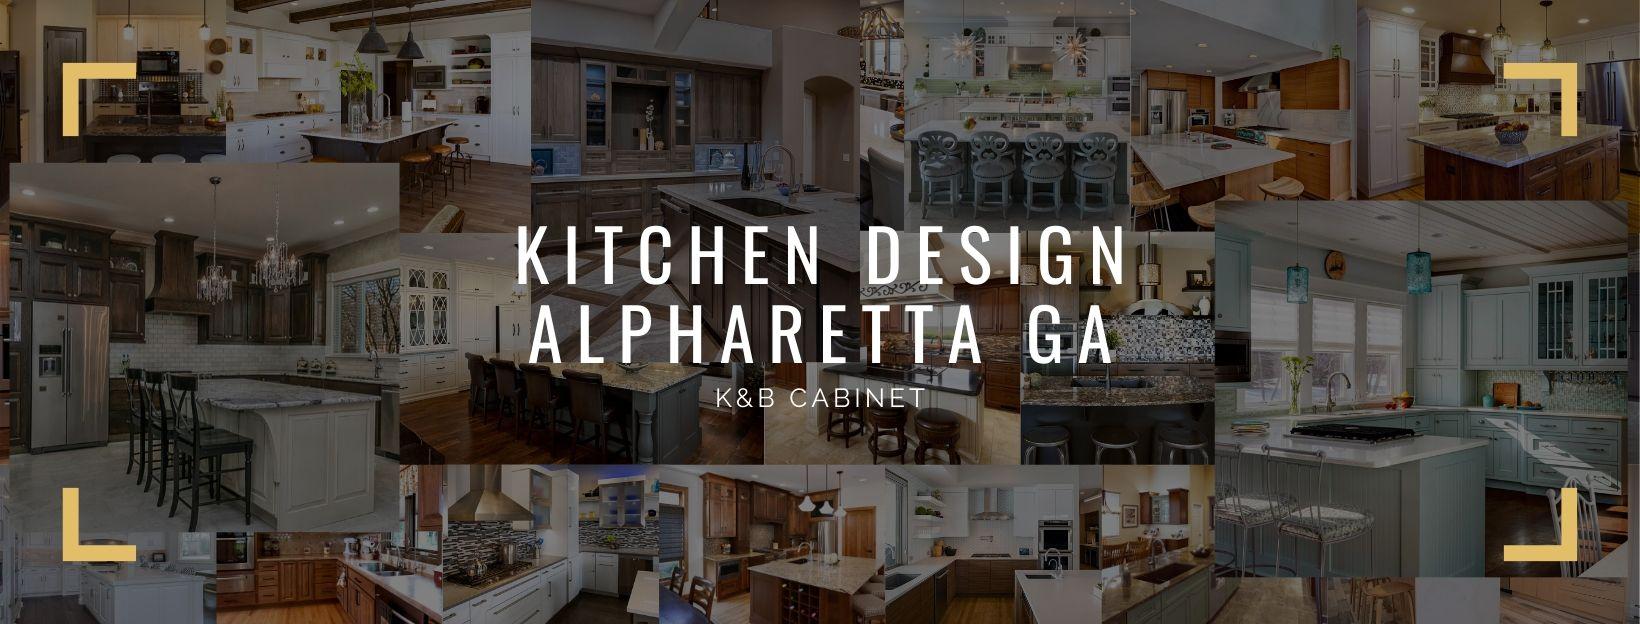 Kitchen Design Alpharetta GA